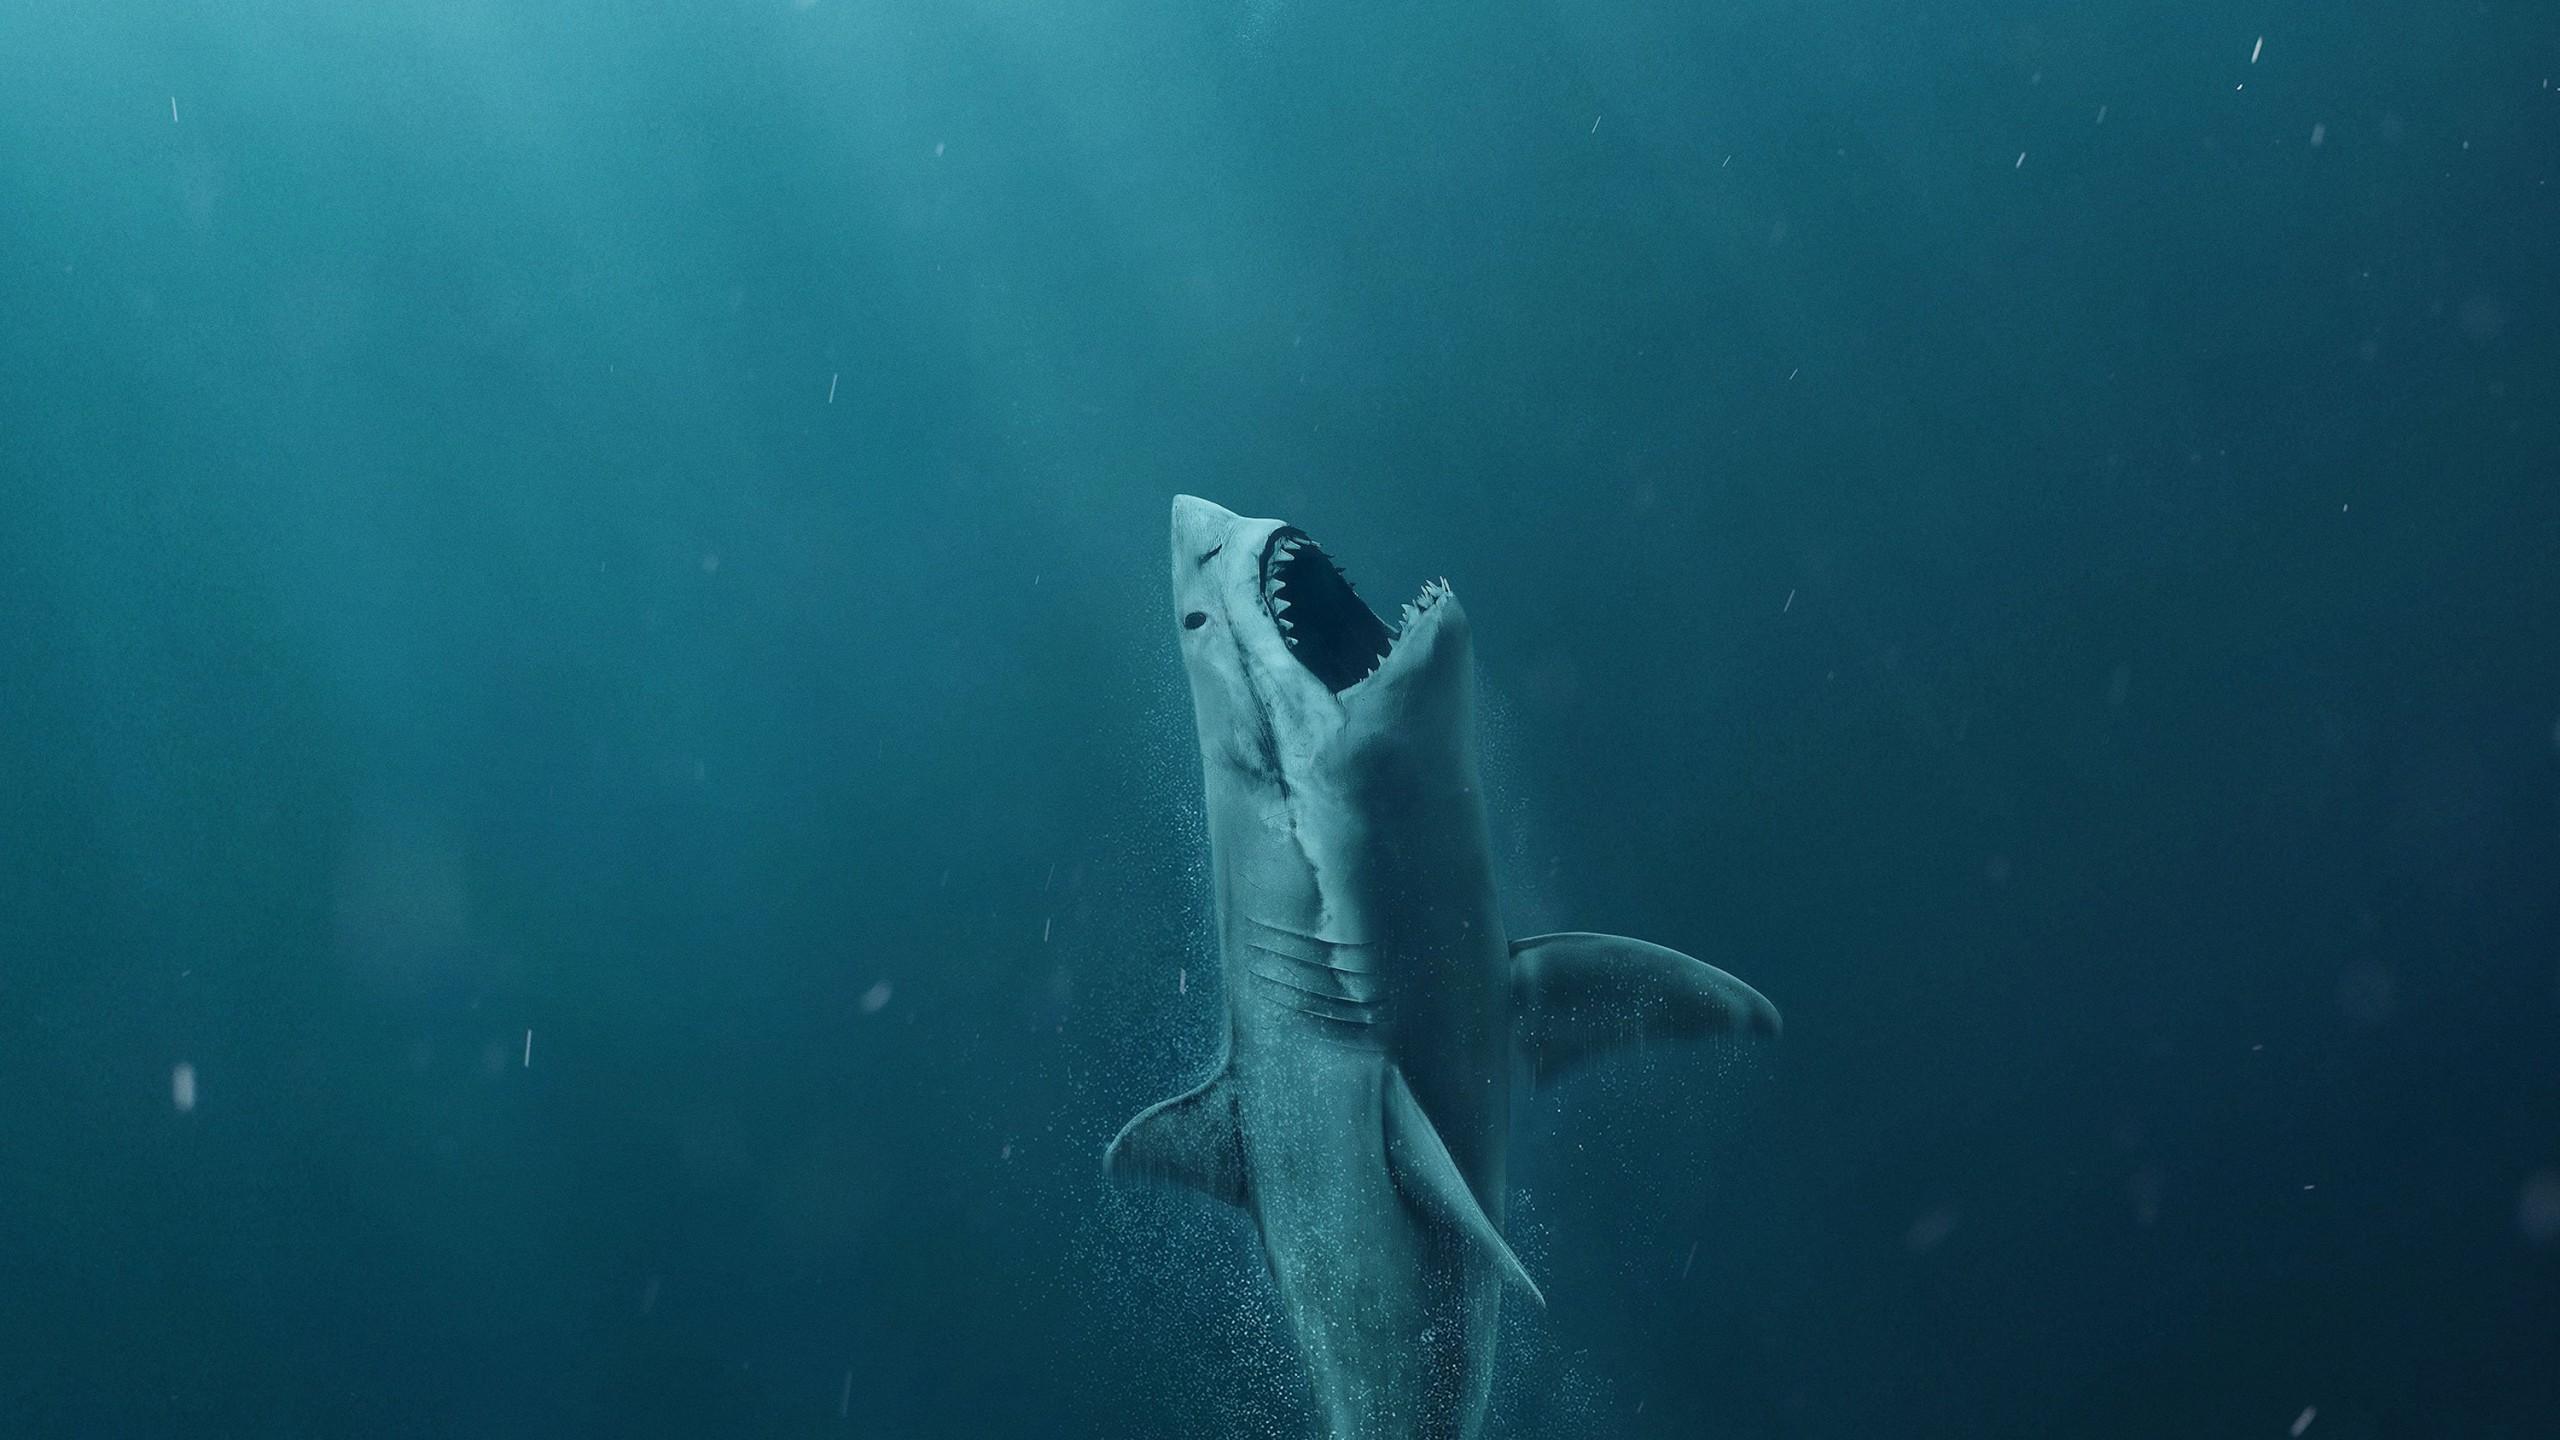 Fond D écran The Meg Requin Mer Affiche 2560x1440